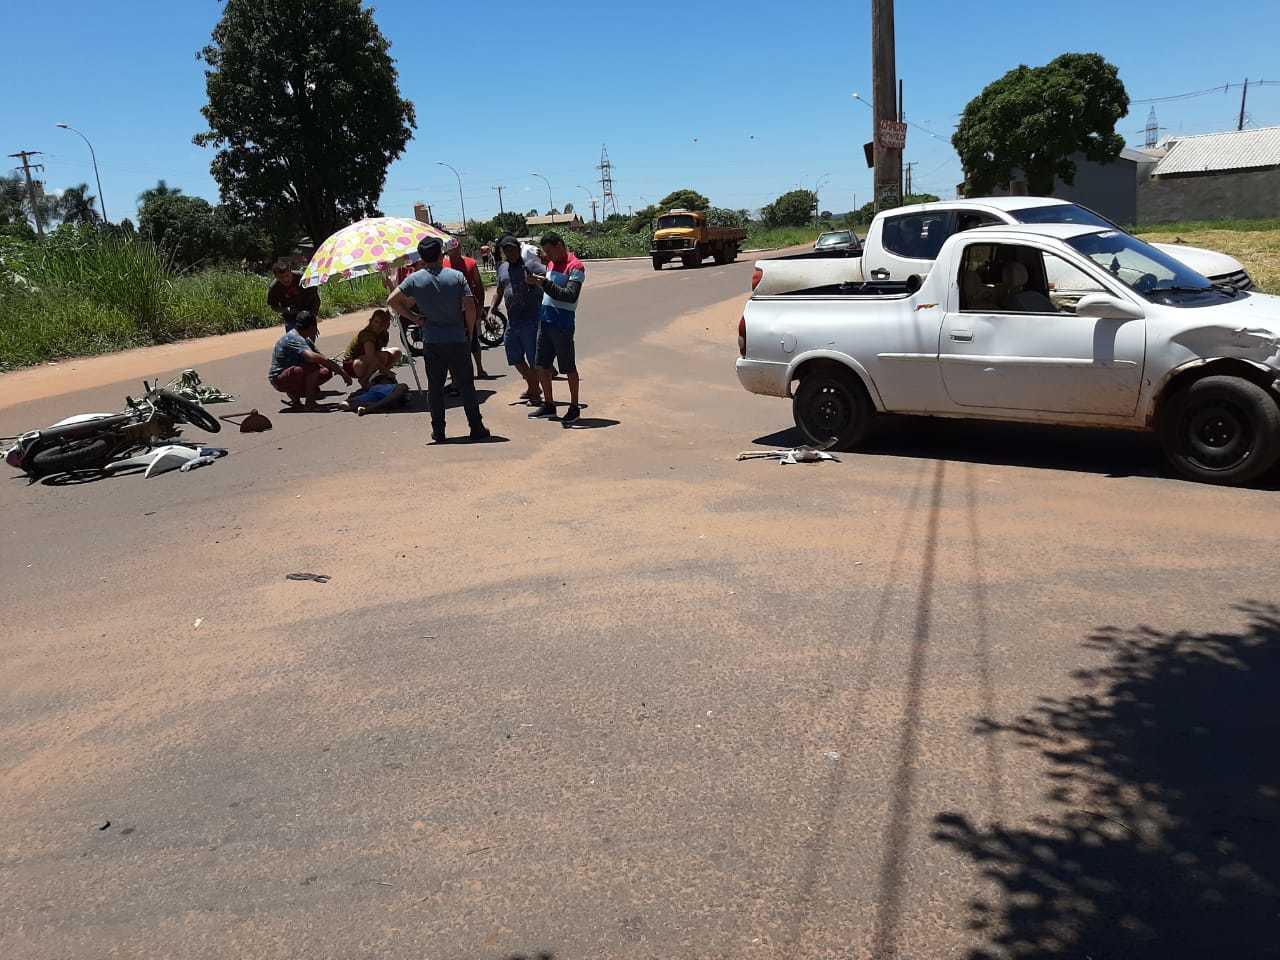 Acidente no encontro das ruas deixou motociclista com ferimentos pelo corpo (Foto: Direto das Ruas)